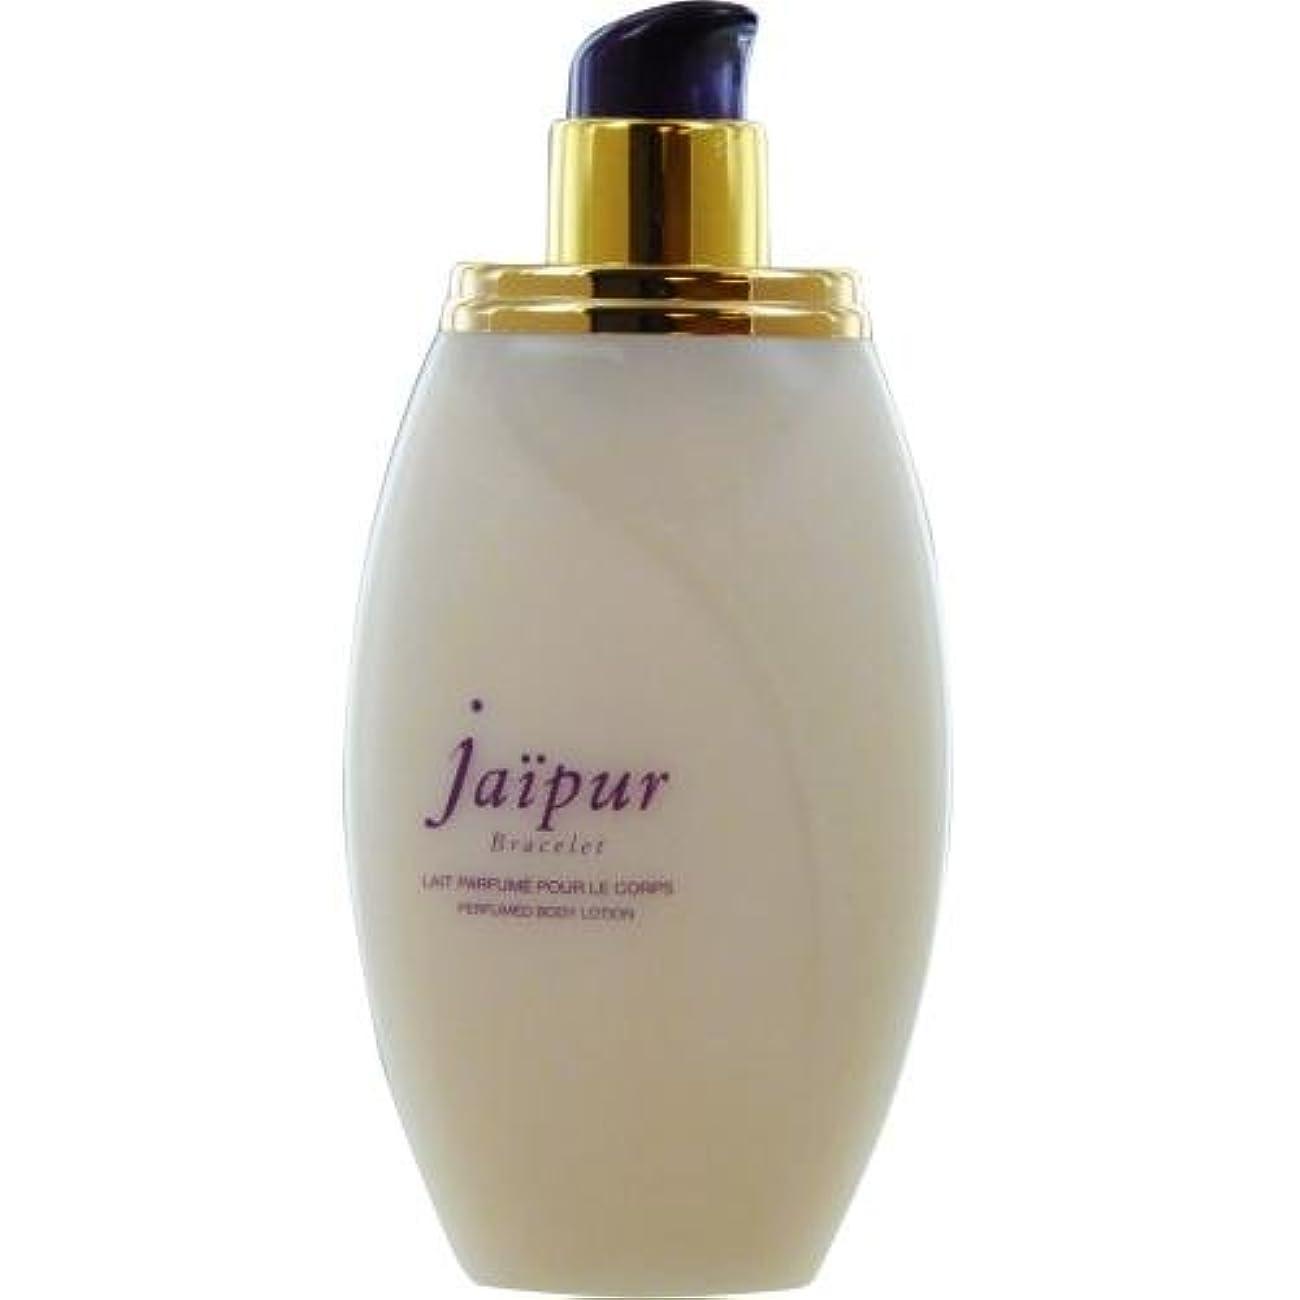 ネーピア軽読み書きのできないJaipur Bracelet Perfumed Body Lotion